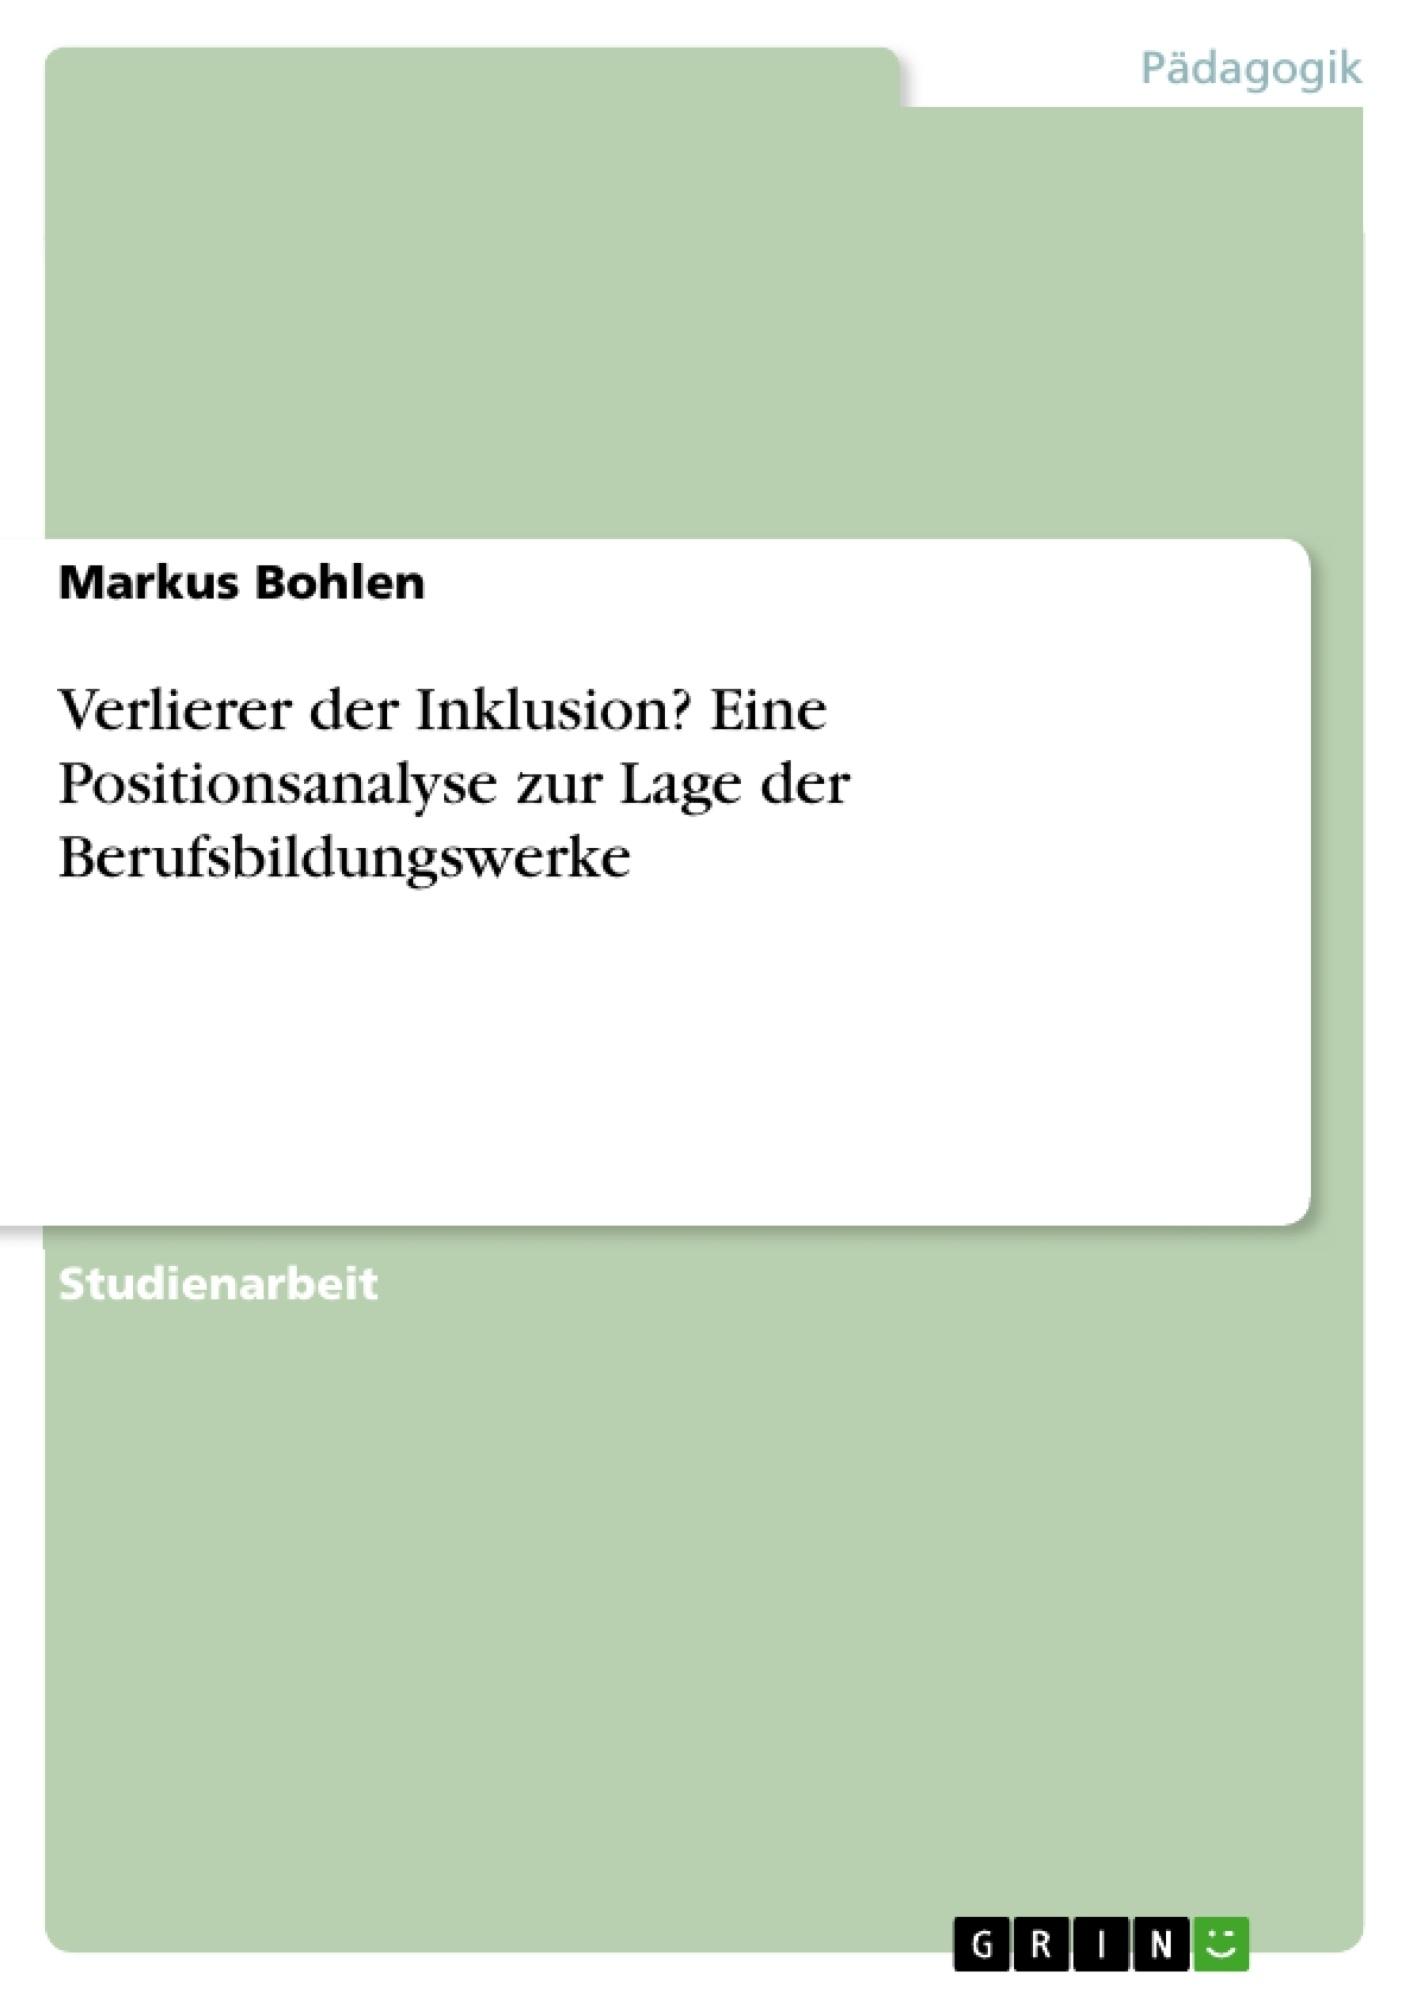 Titel: Verlierer der Inklusion? Eine Positionsanalyse zur Lage der Berufsbildungswerke